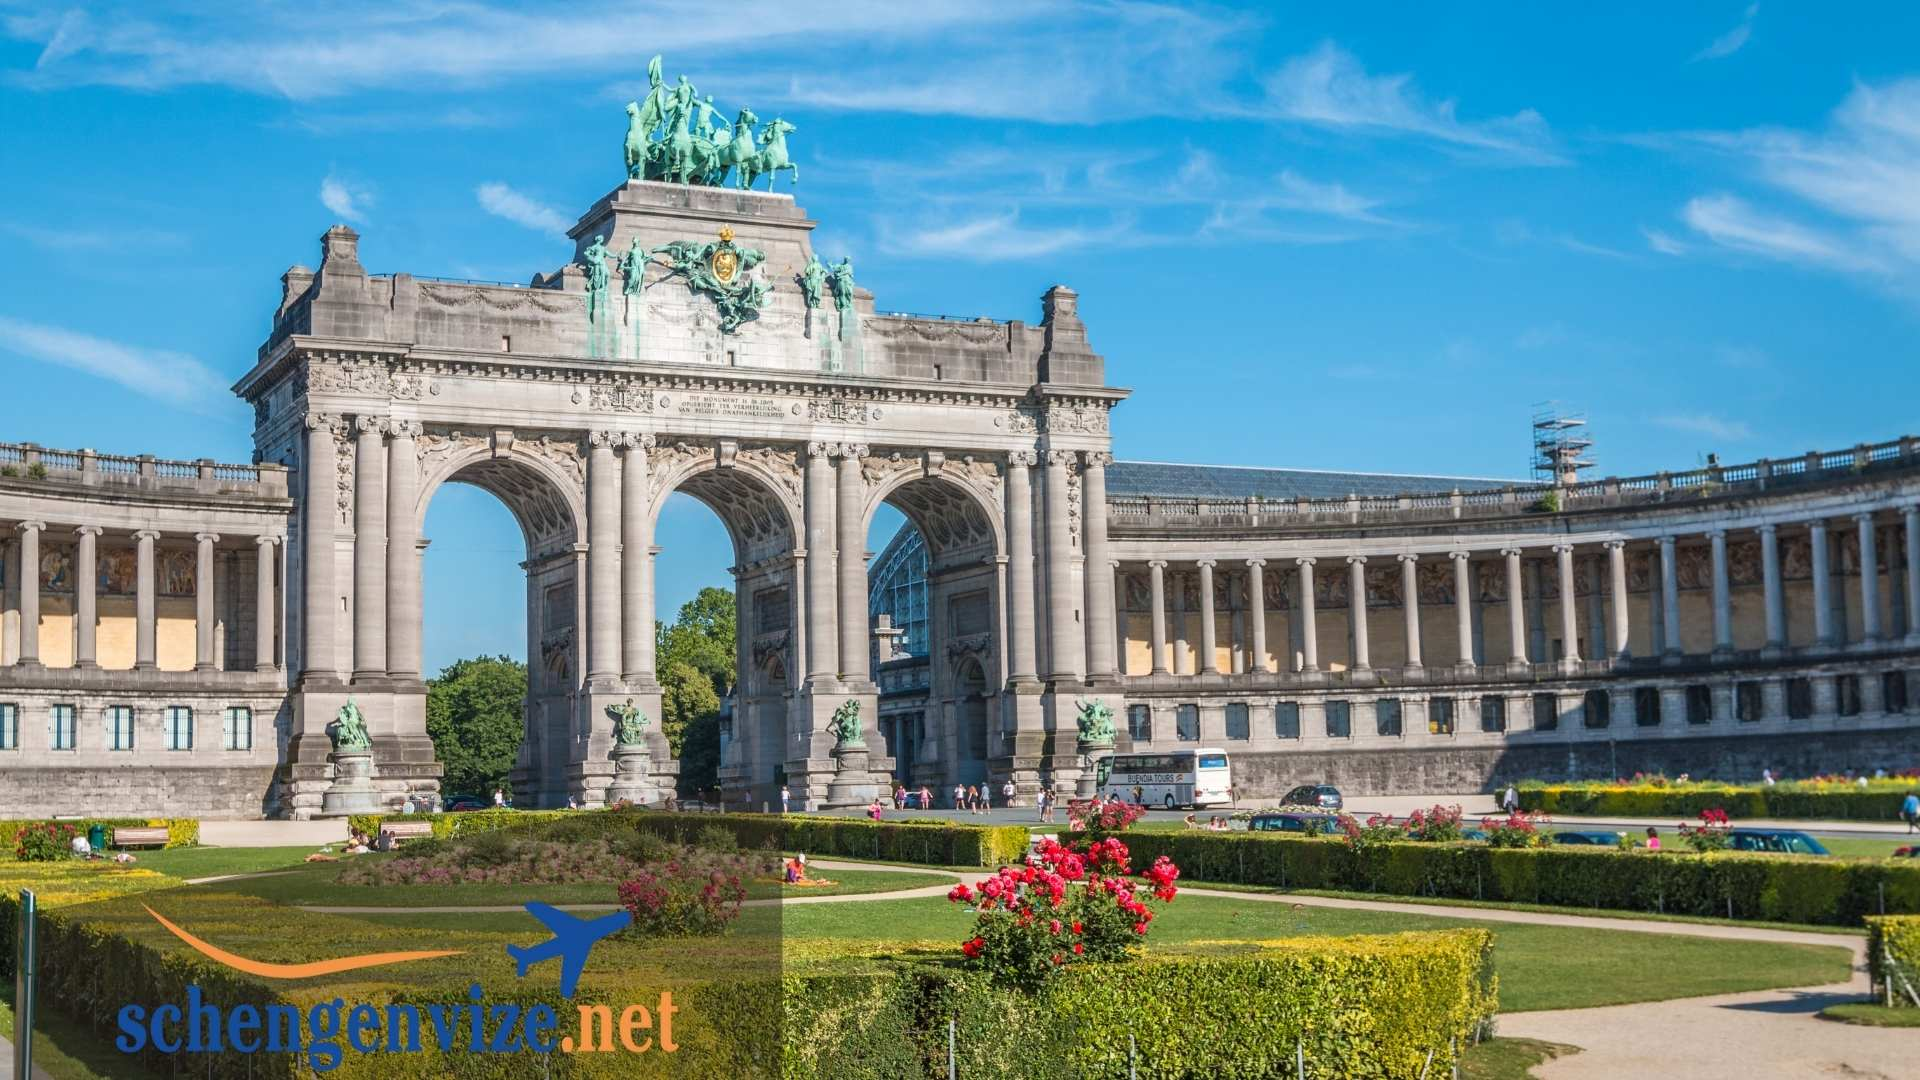 Belçika Transit Vize Başvurularında Talep Edilen Evraklar